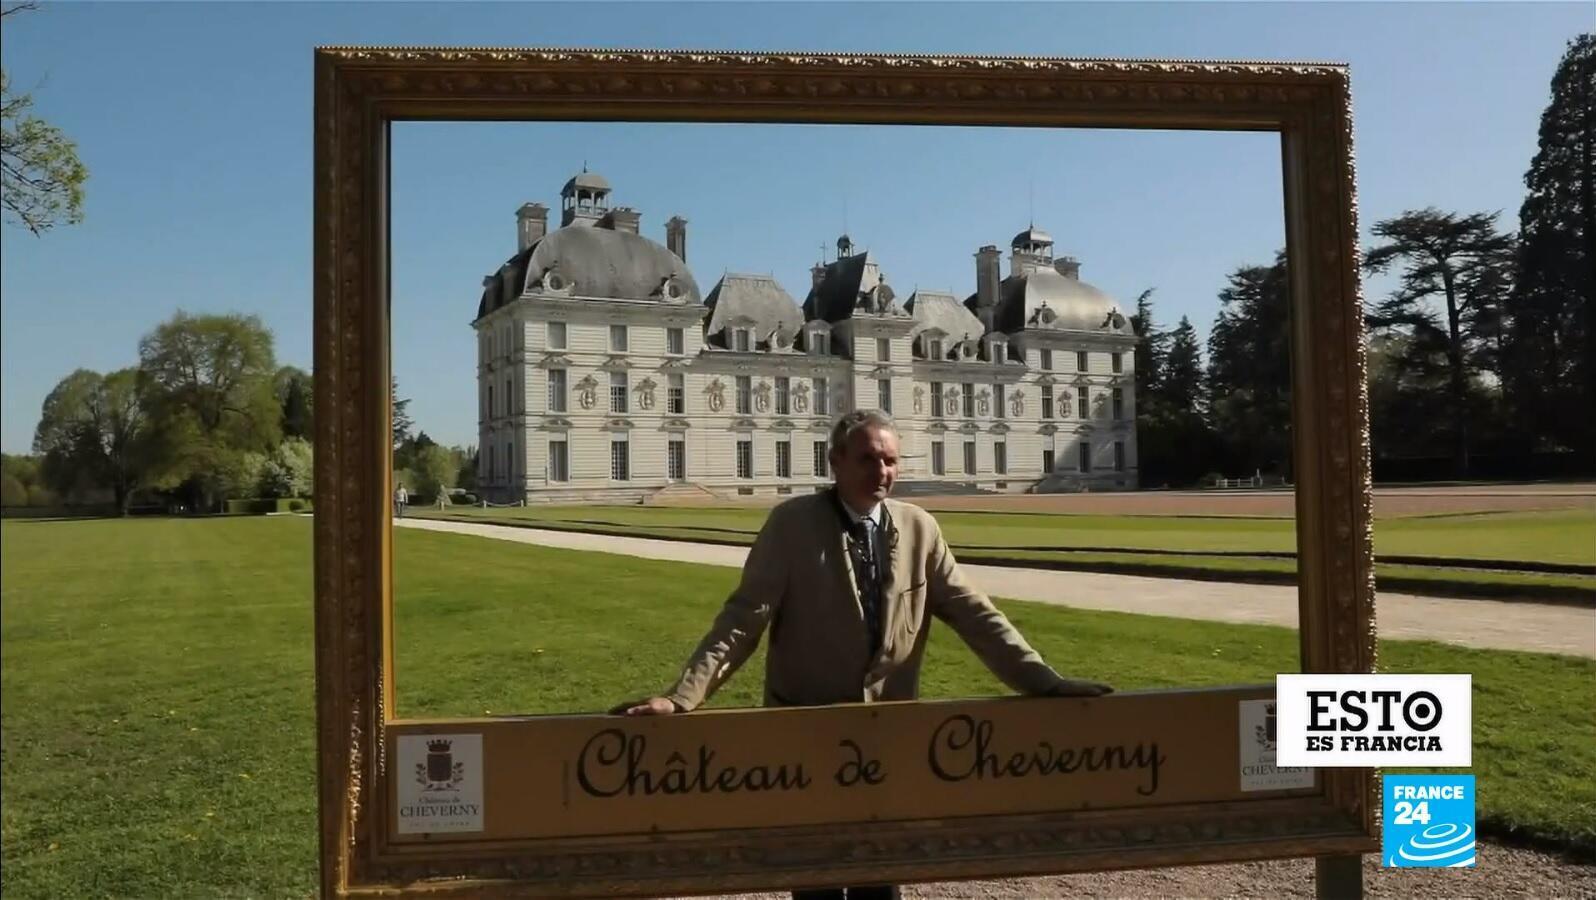 esto es Francia - castillo de Cheverny